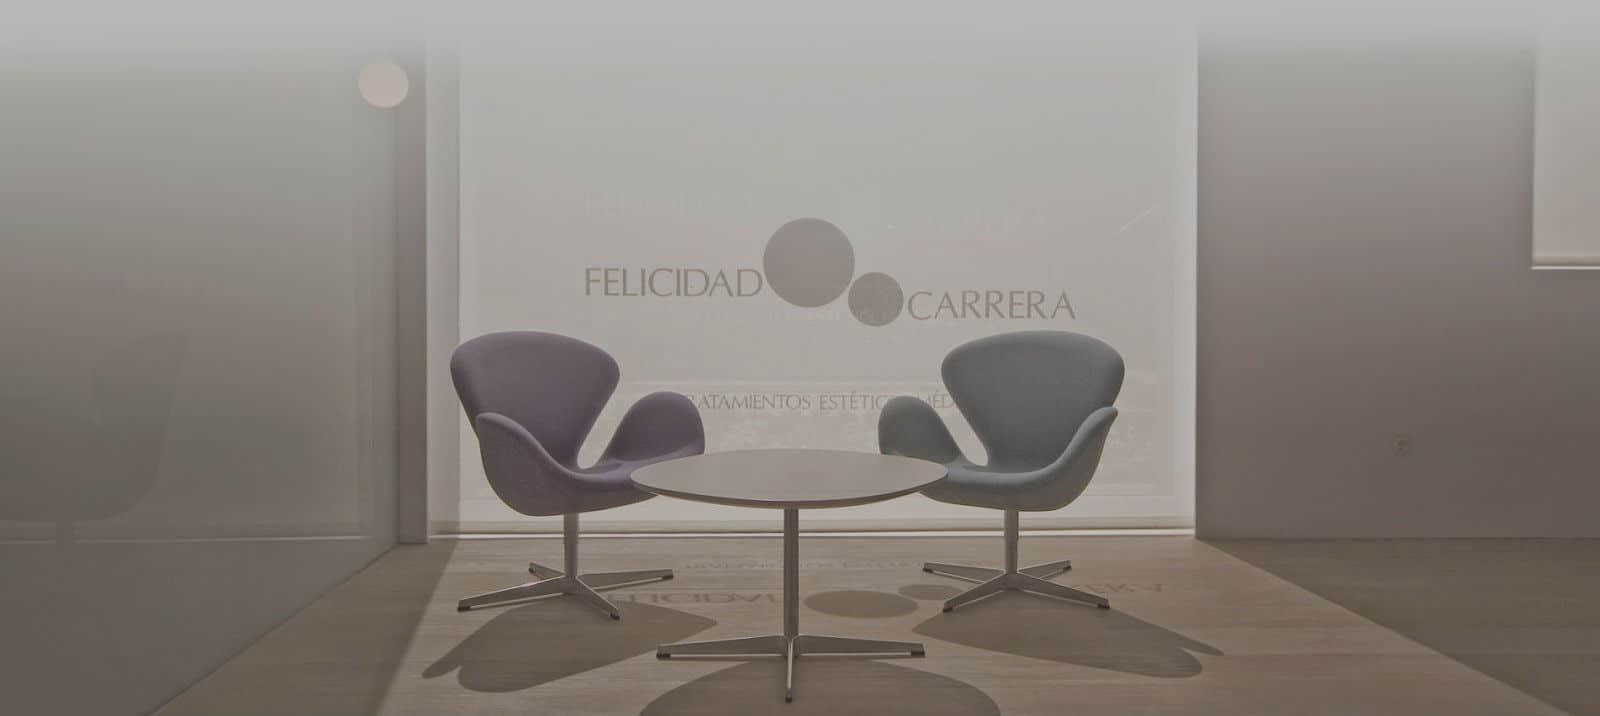 Centro de belleza en Madrid